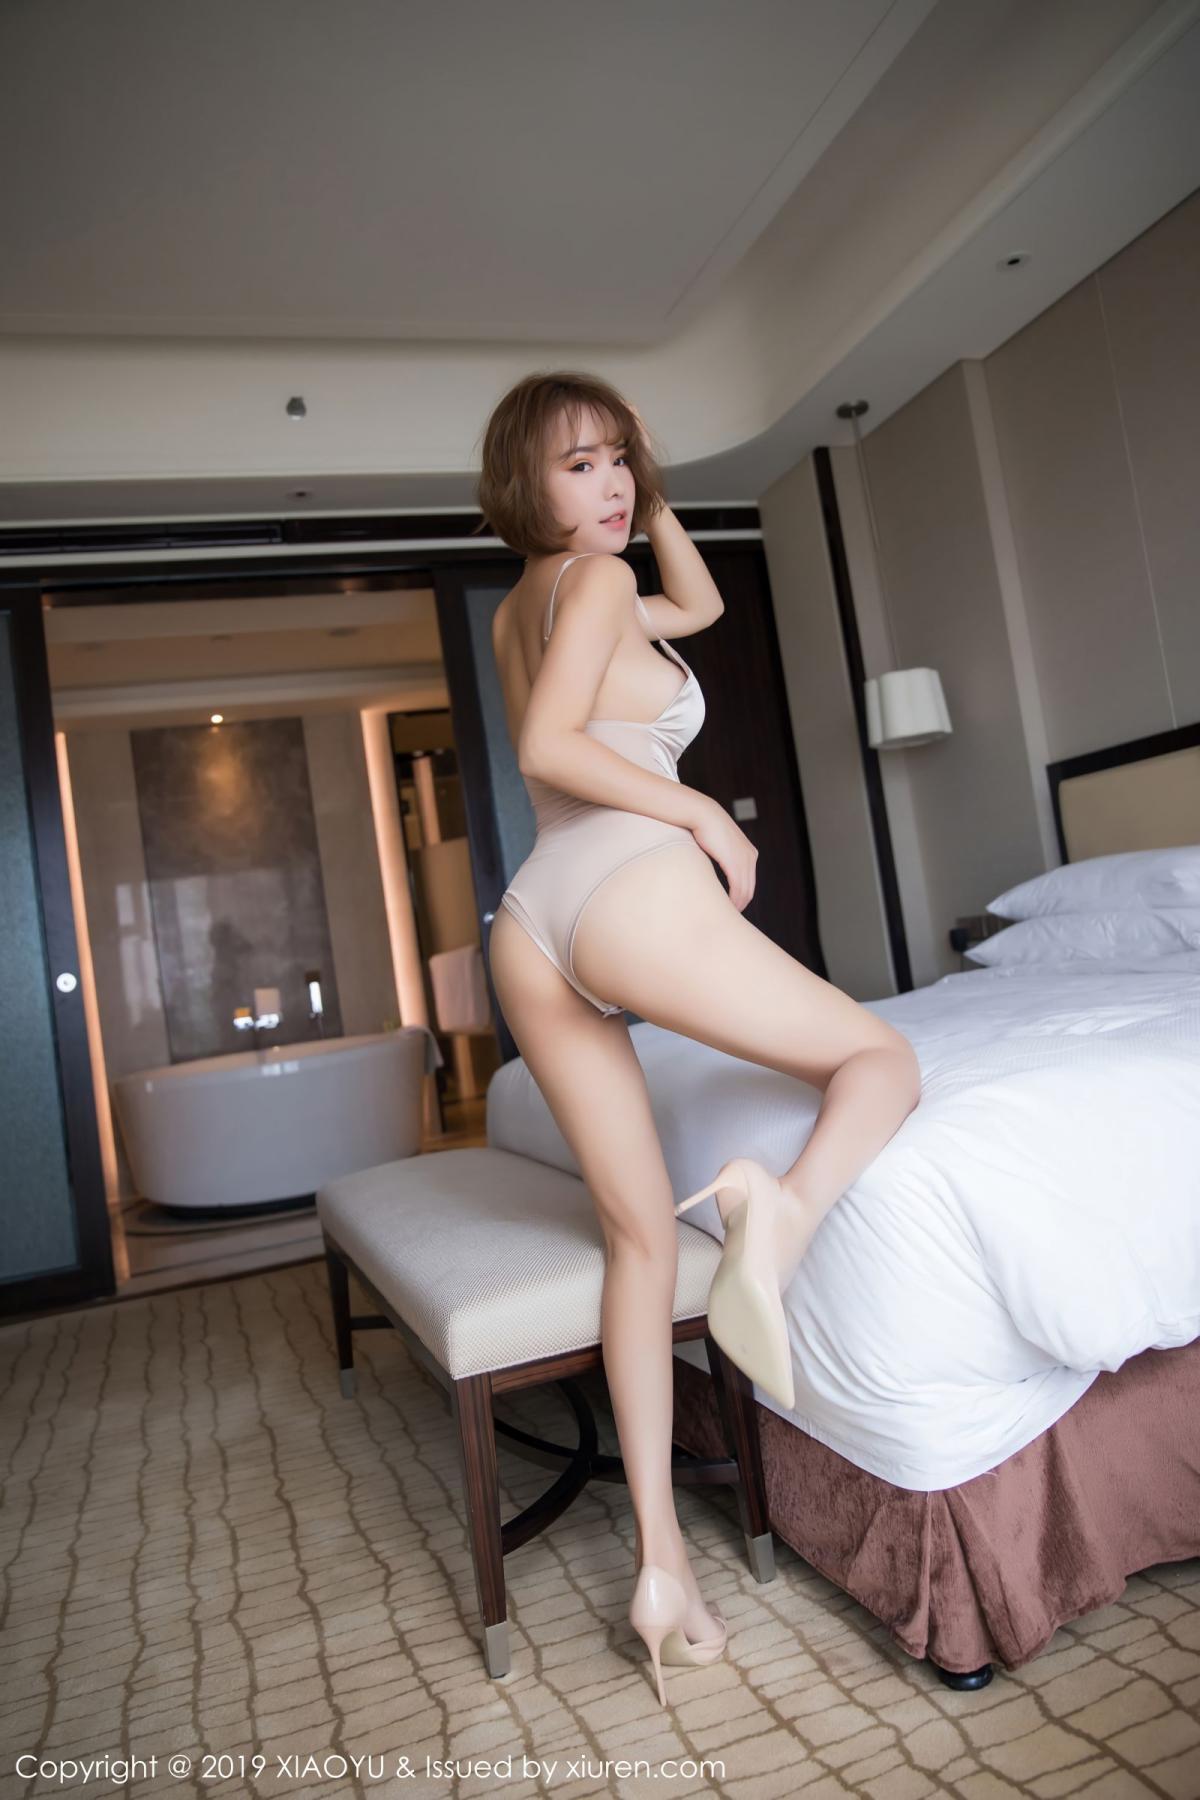 [XiaoYu] Vol.015 Chen Ya Wen 22P, Chen Ya Wen, Sexy, XiaoYu